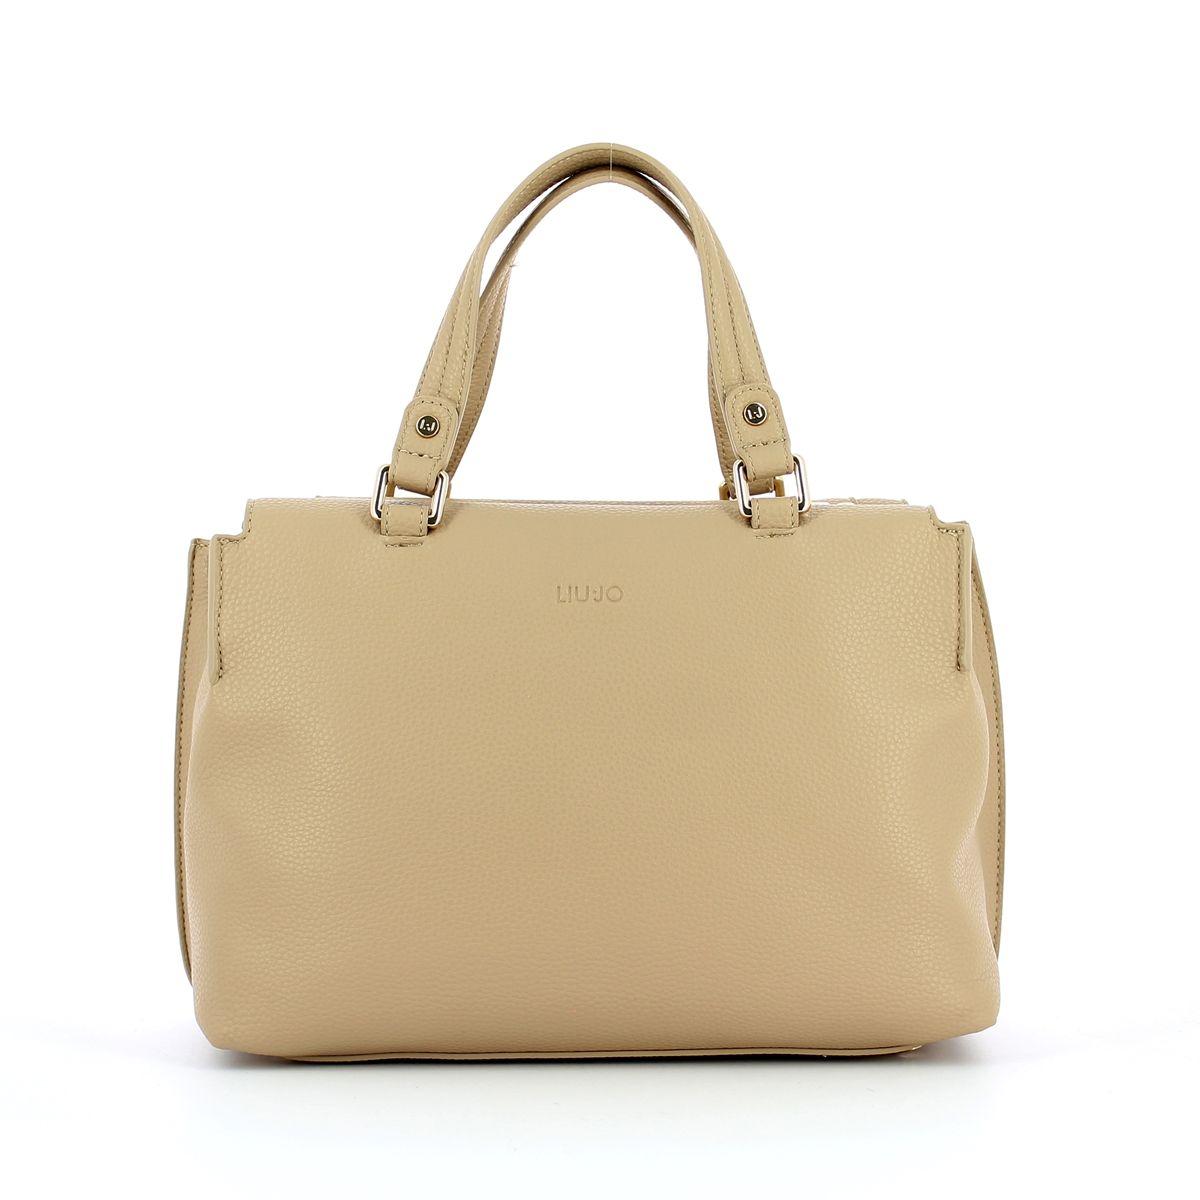 Boston Handbag Liu Jo TRAVERTINE